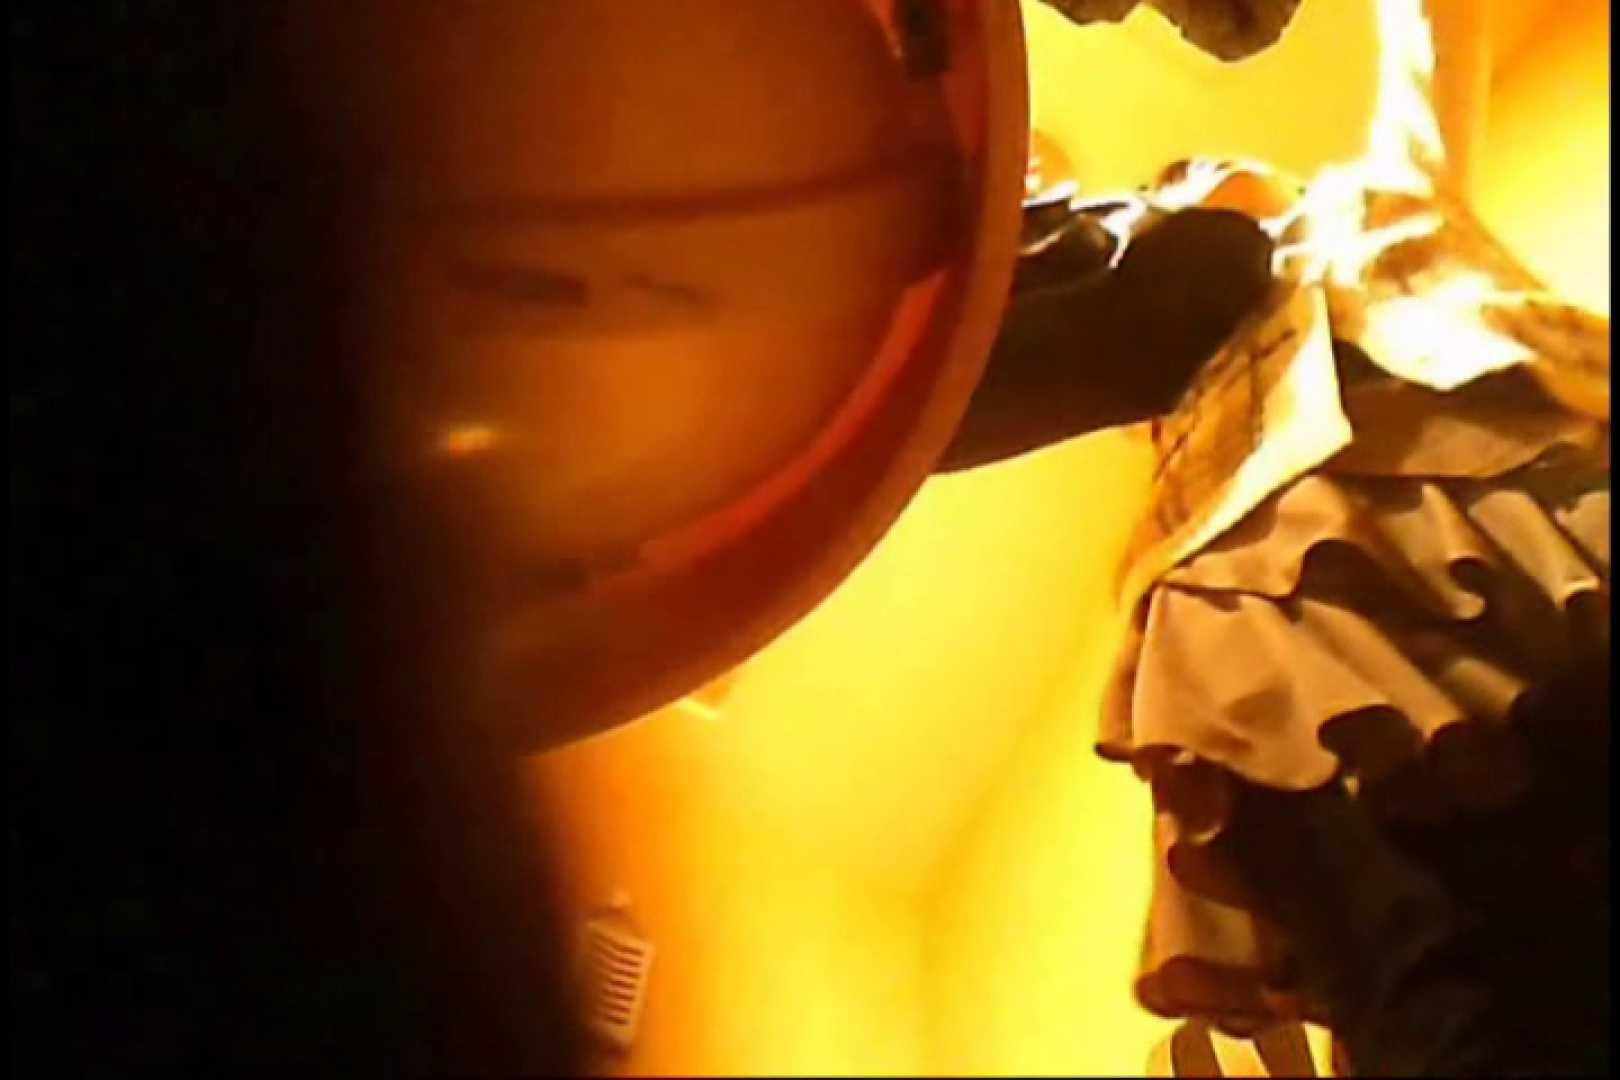 潜入!!女子化粧室盗撮~絶対見られたくない時間~vo,4 熟女丸裸 | 盗撮師作品  102pic 85